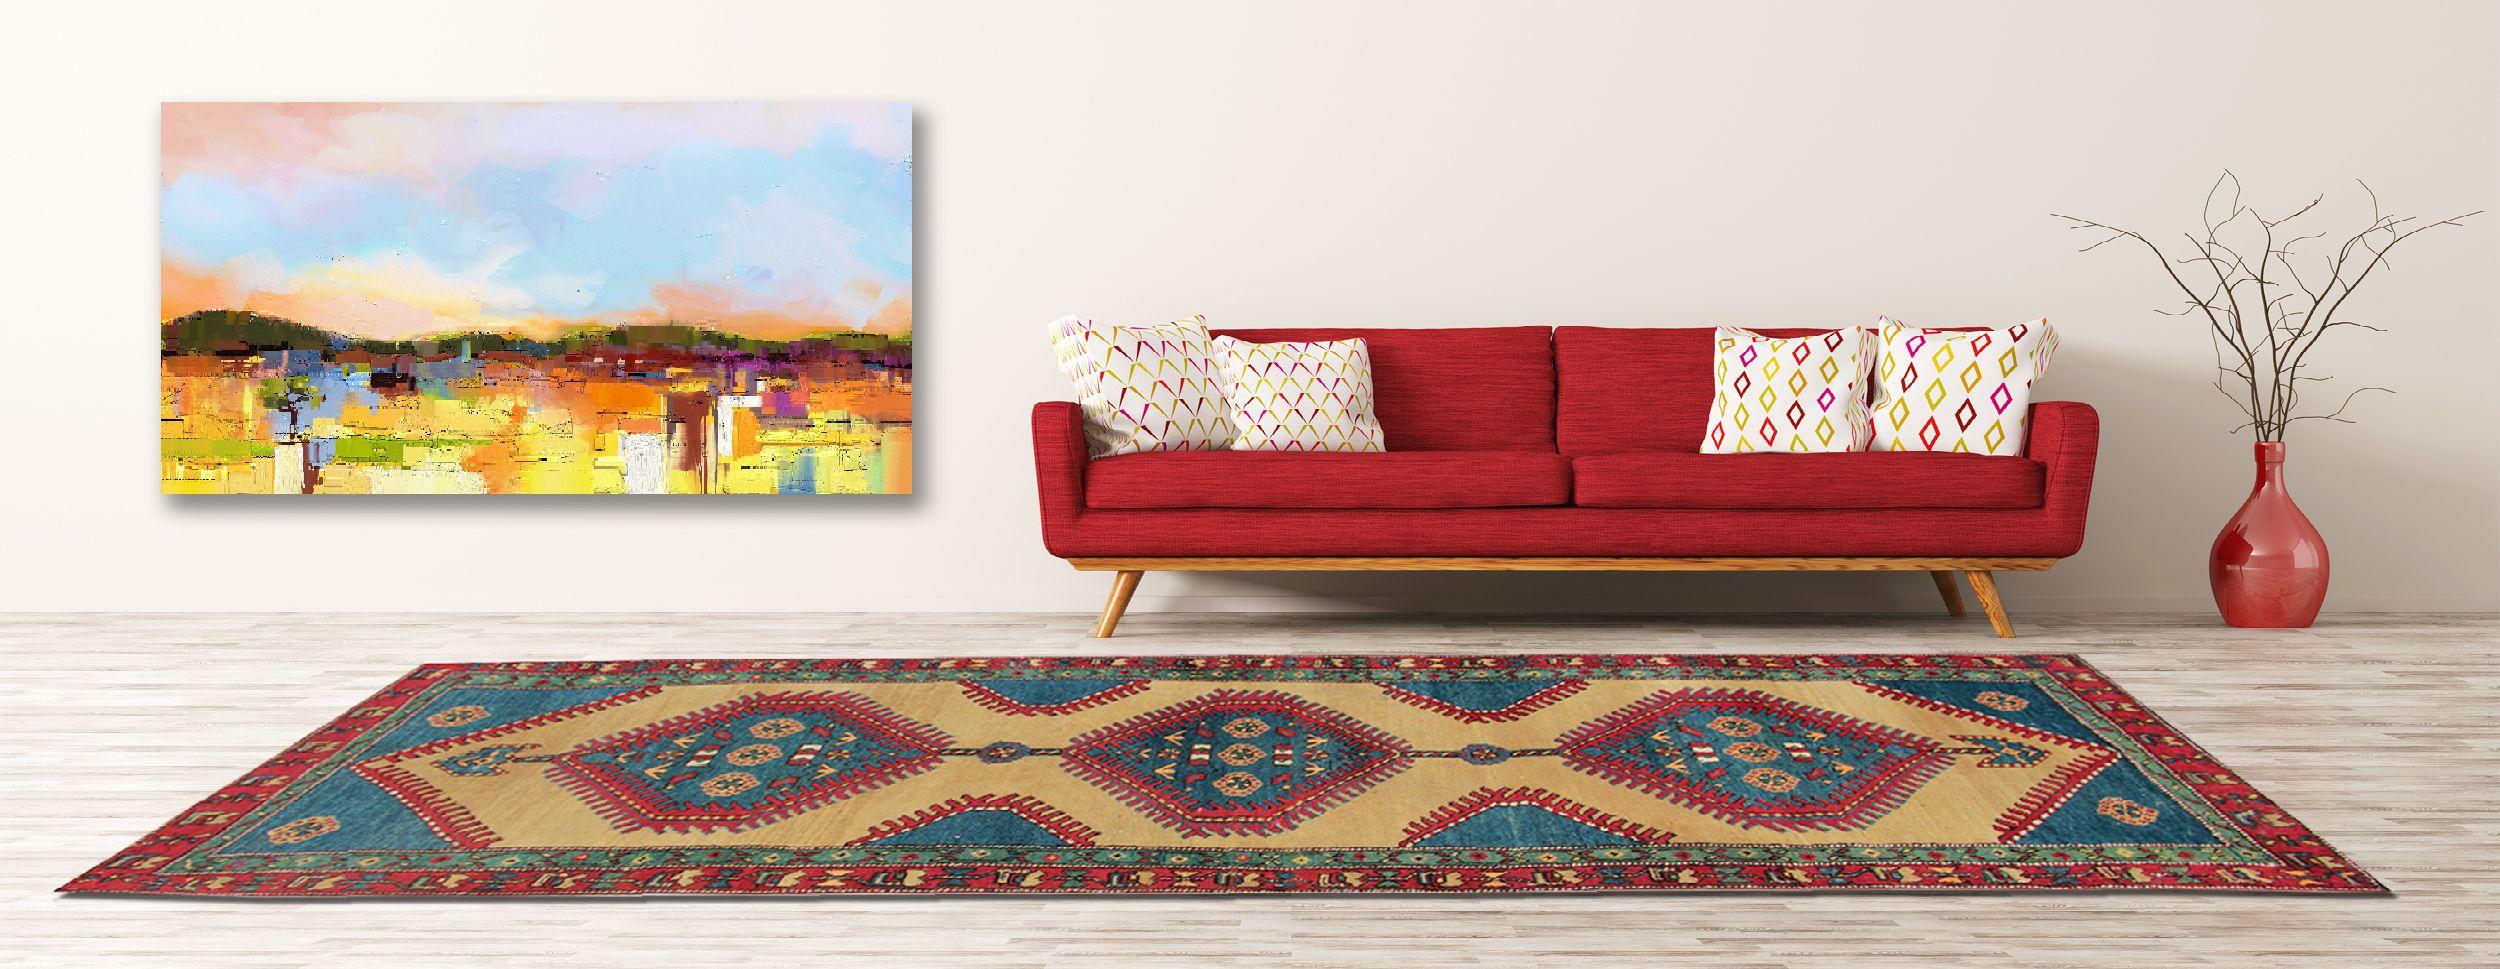 Antique Persian Sarab Runner Rug Rugs, Oriental rug